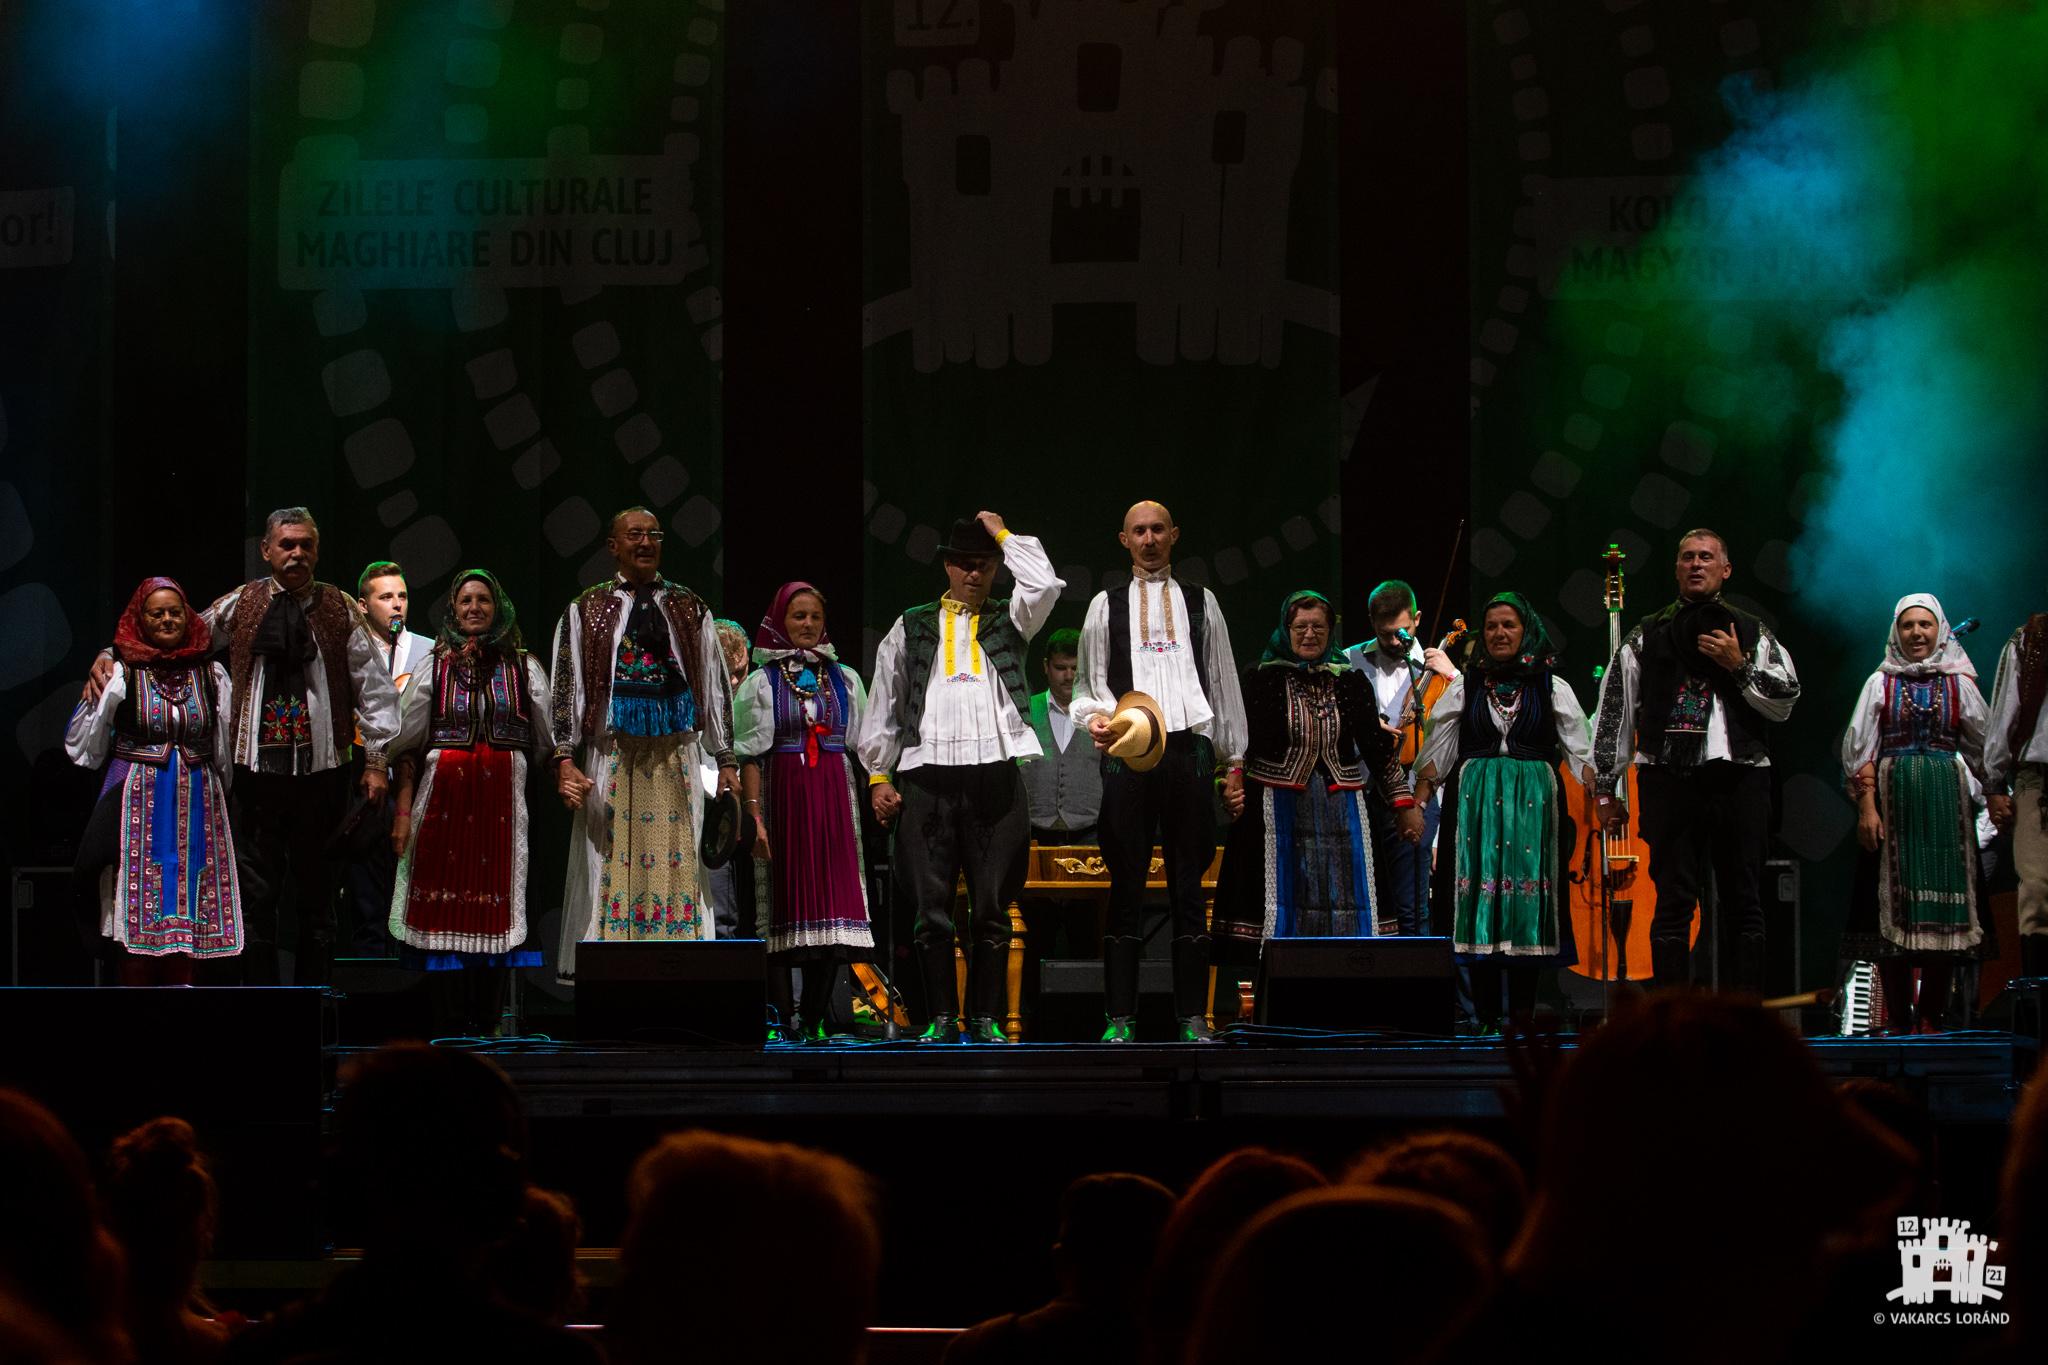 Ansamblul de muzică populară Tokos Zenekar şi prietenii acestuia